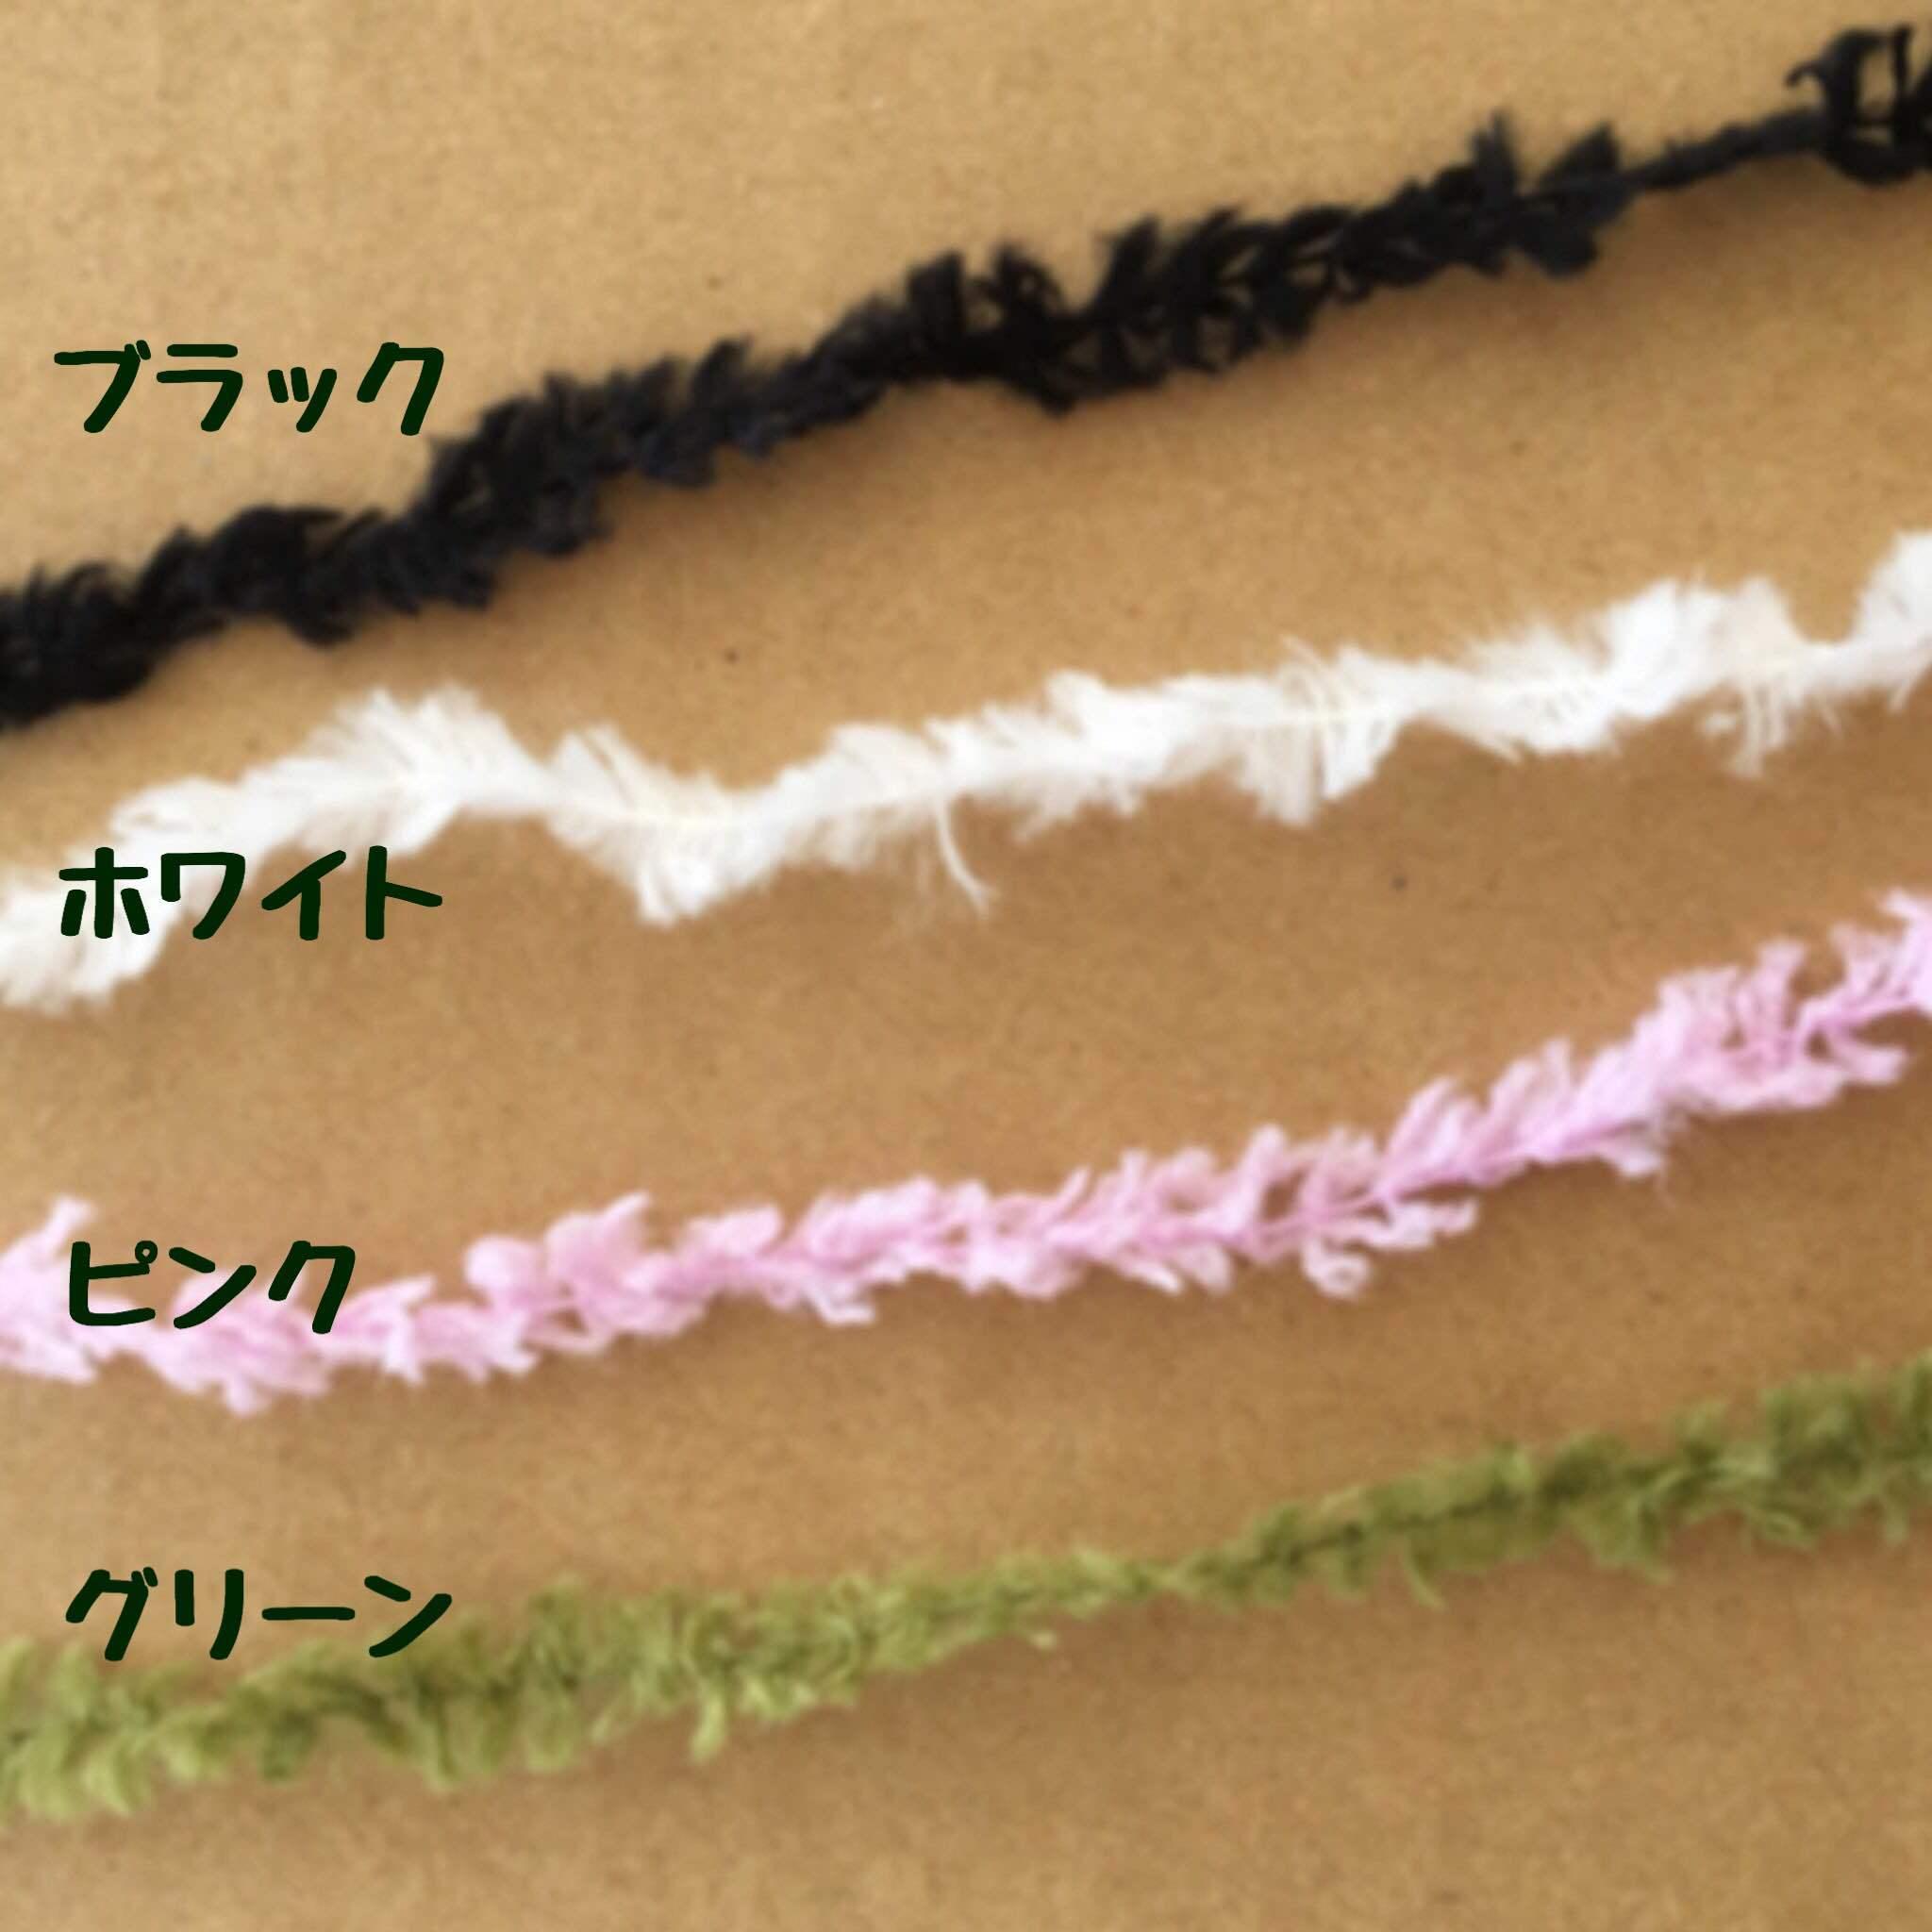 ギャザリング水苔2種(レギュラー・ロング)&ベラボンサキュレント2袋セット - 画像2